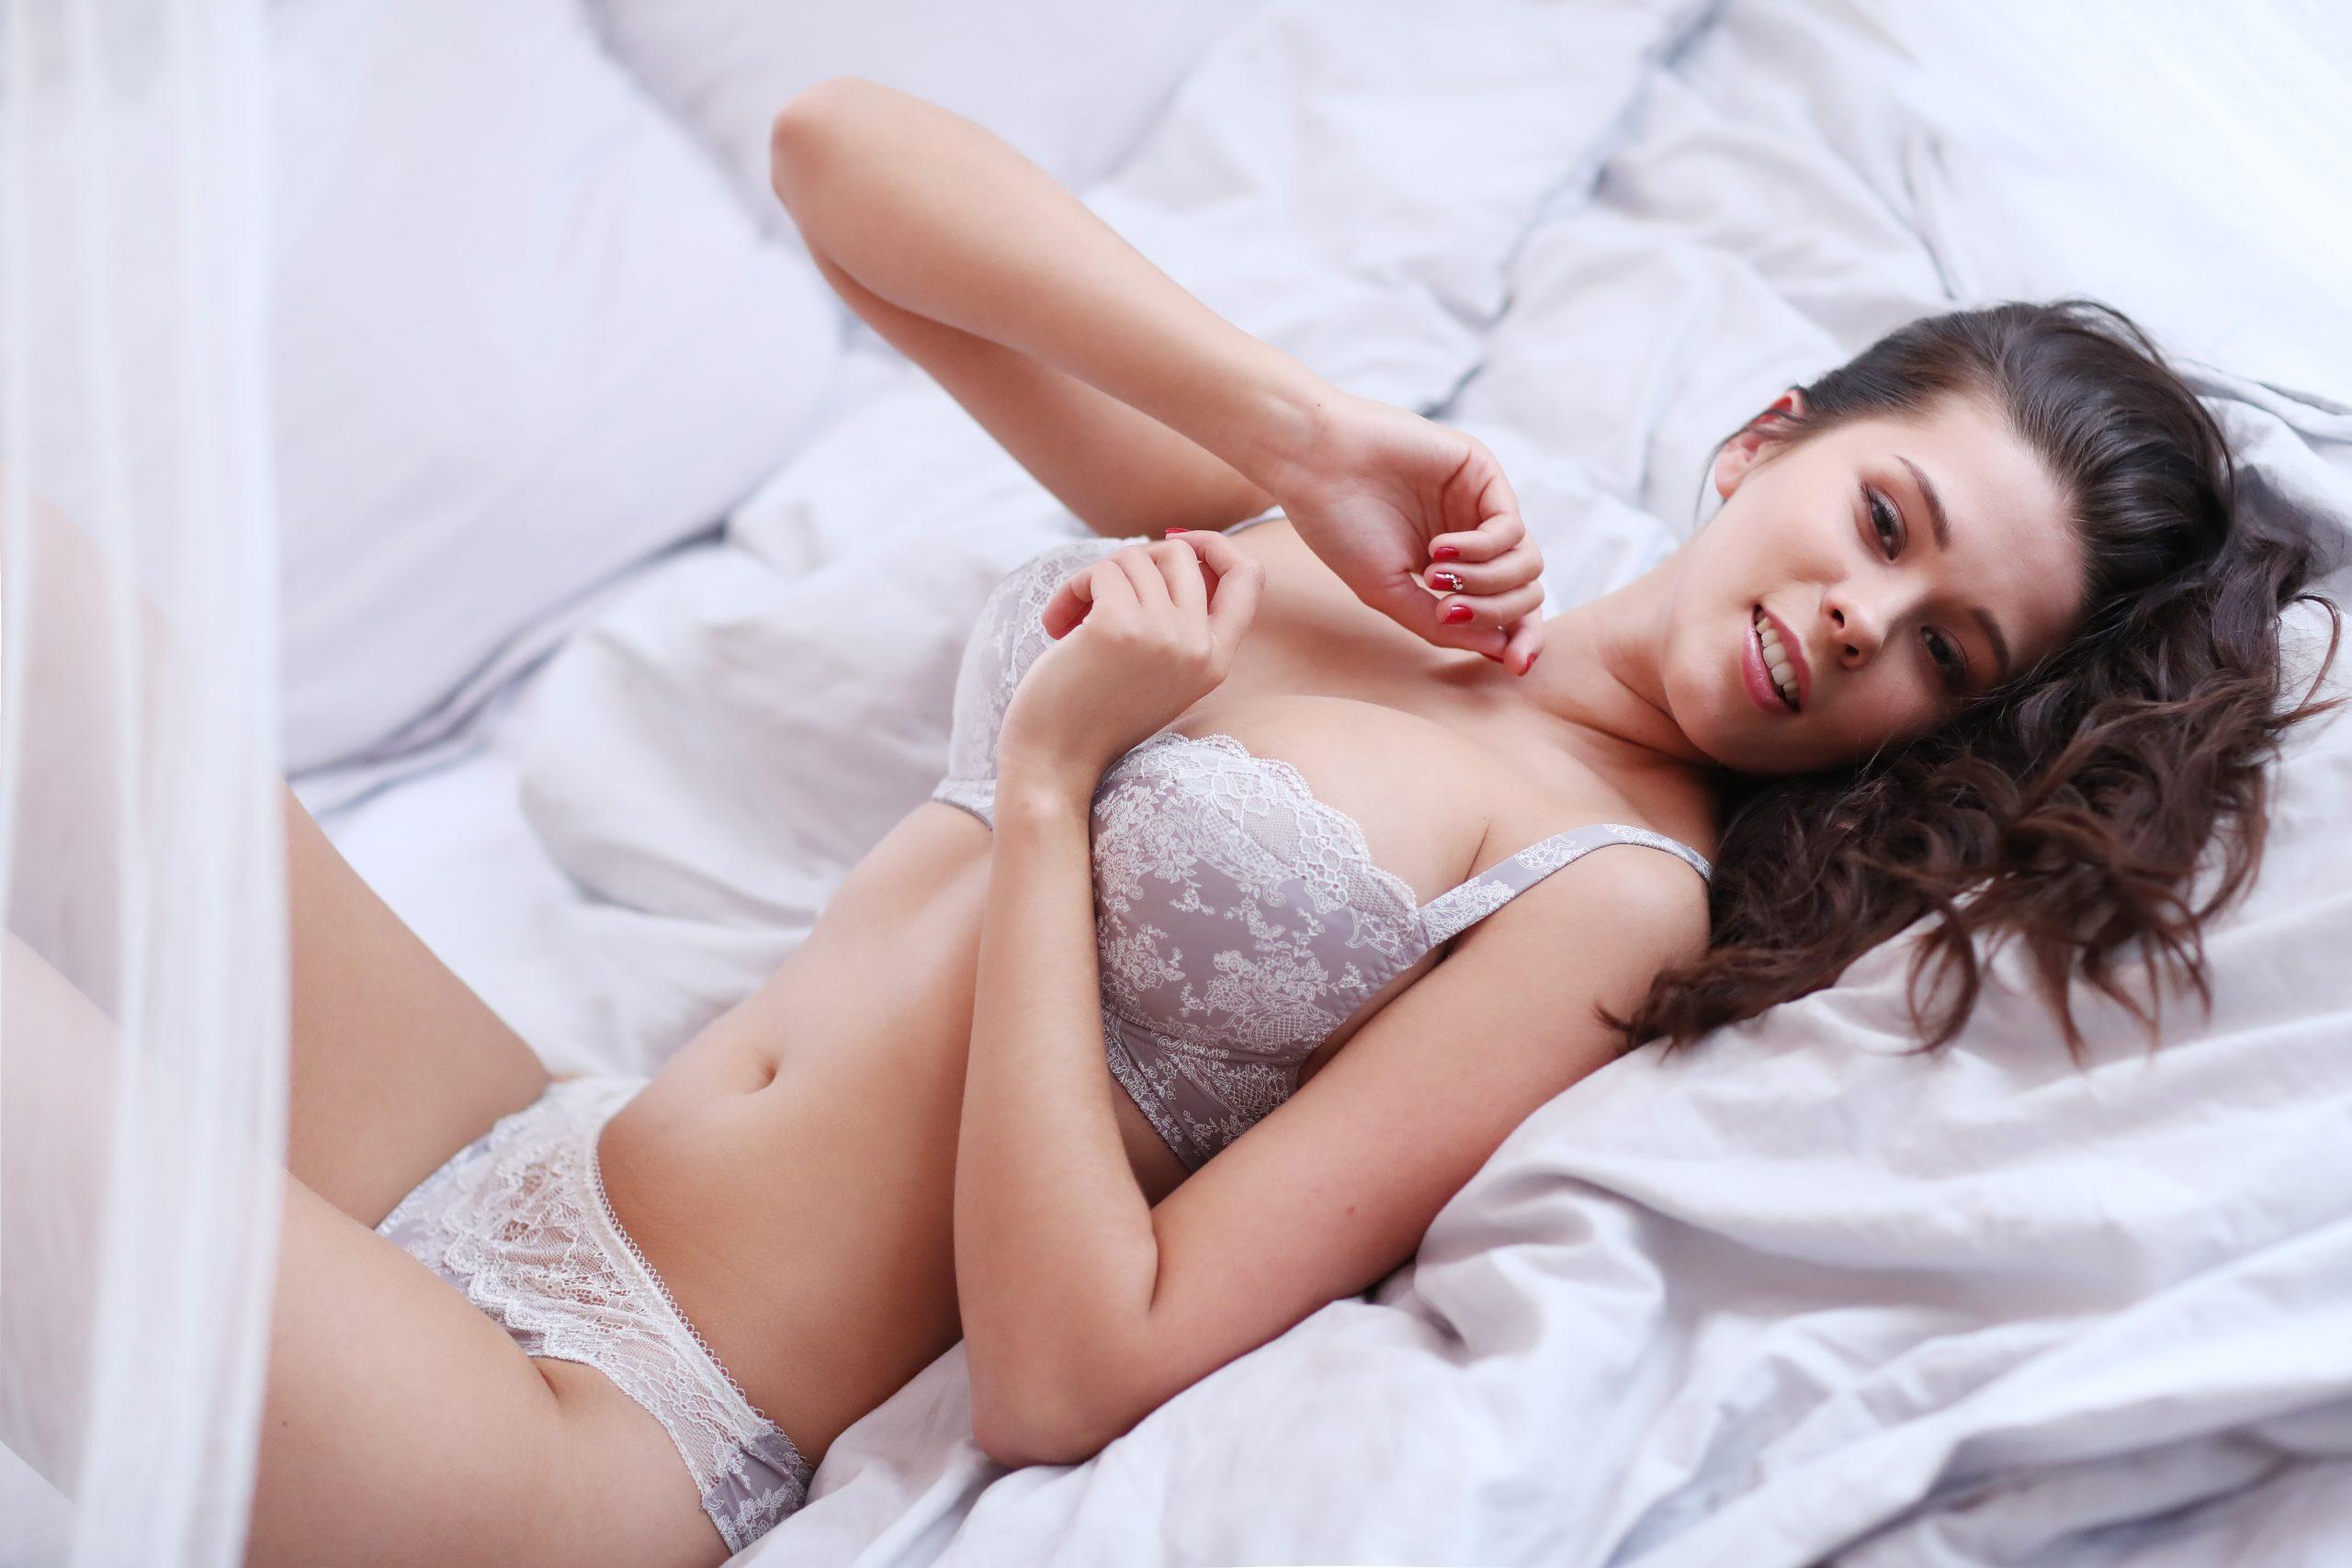 האם דירה דיסקרטית נועדה רק לשם סקס?